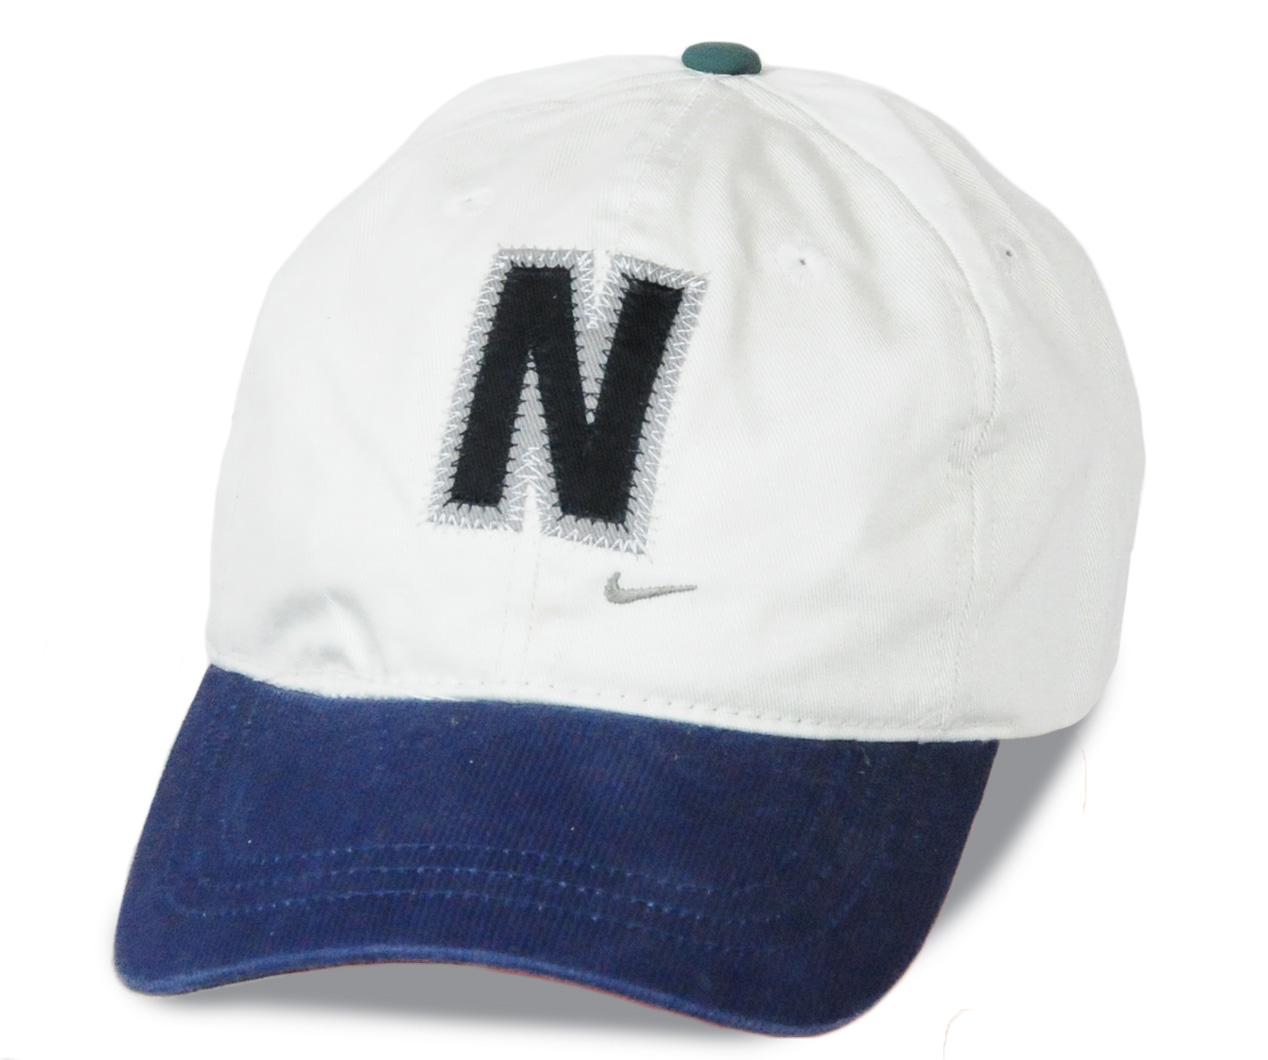 Студенческая спортивная бейсболка - купить онлайн